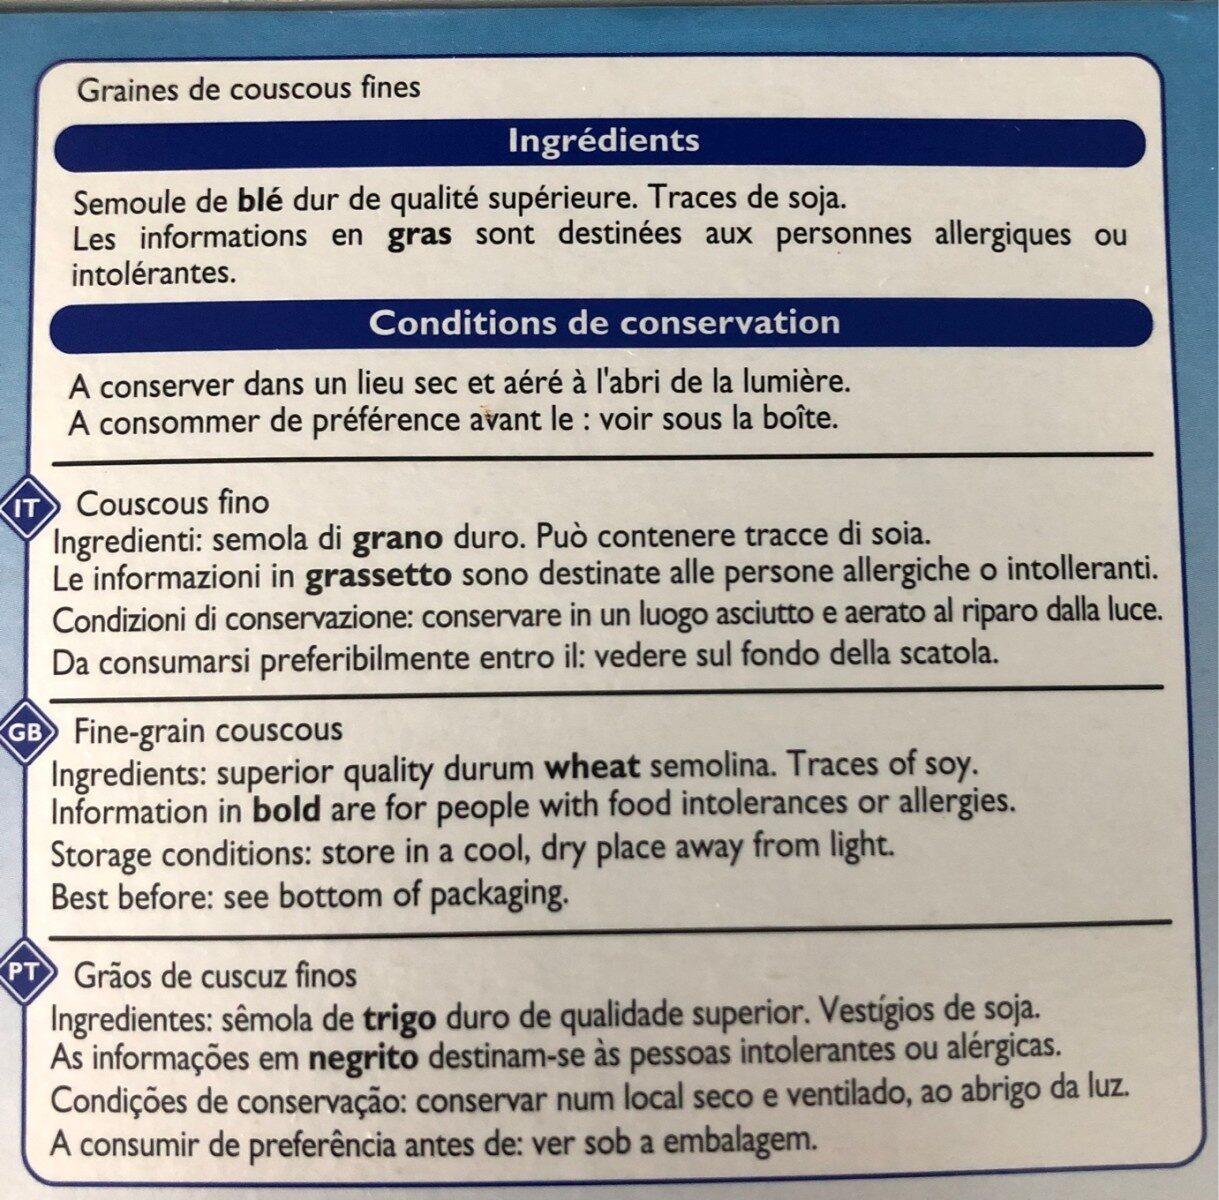 Couscous fin - Ingrédients